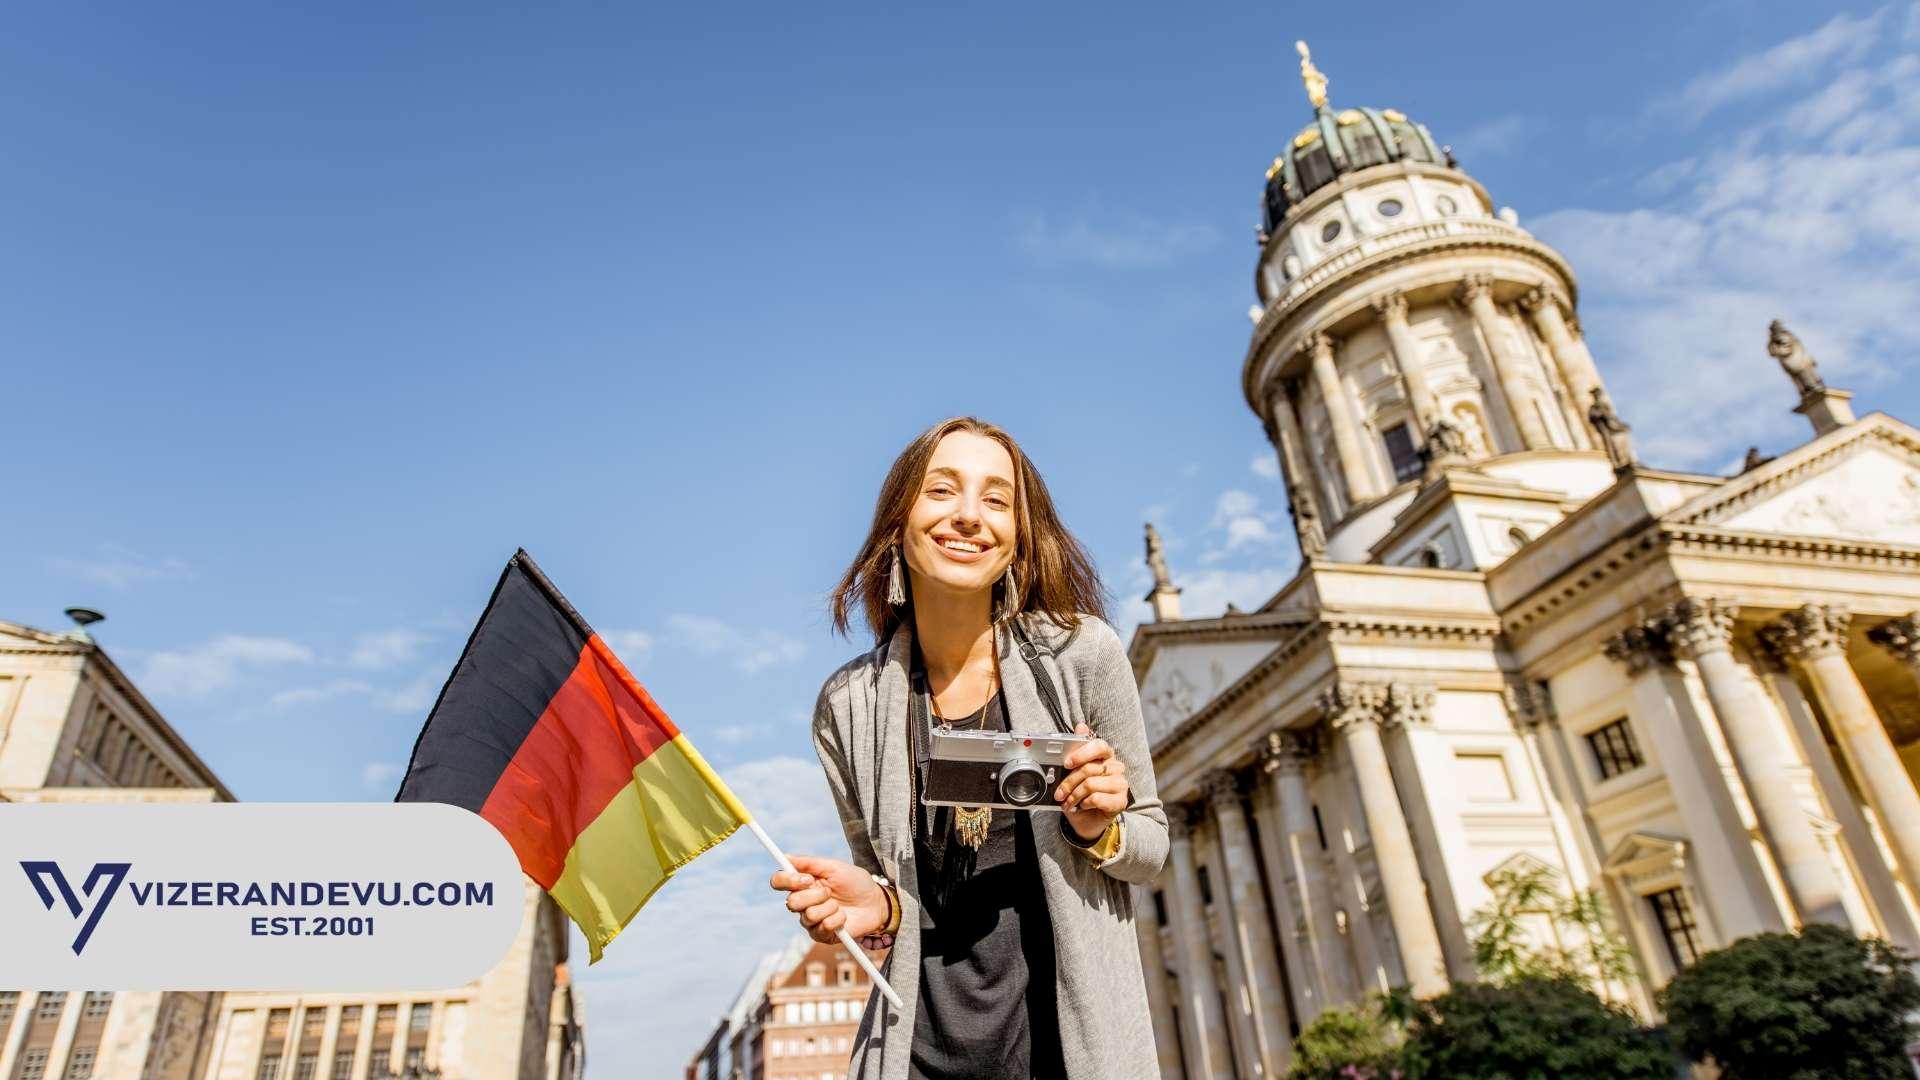 Almanya Vizesi İçin Kimler Başvuru Yapmalıdır?